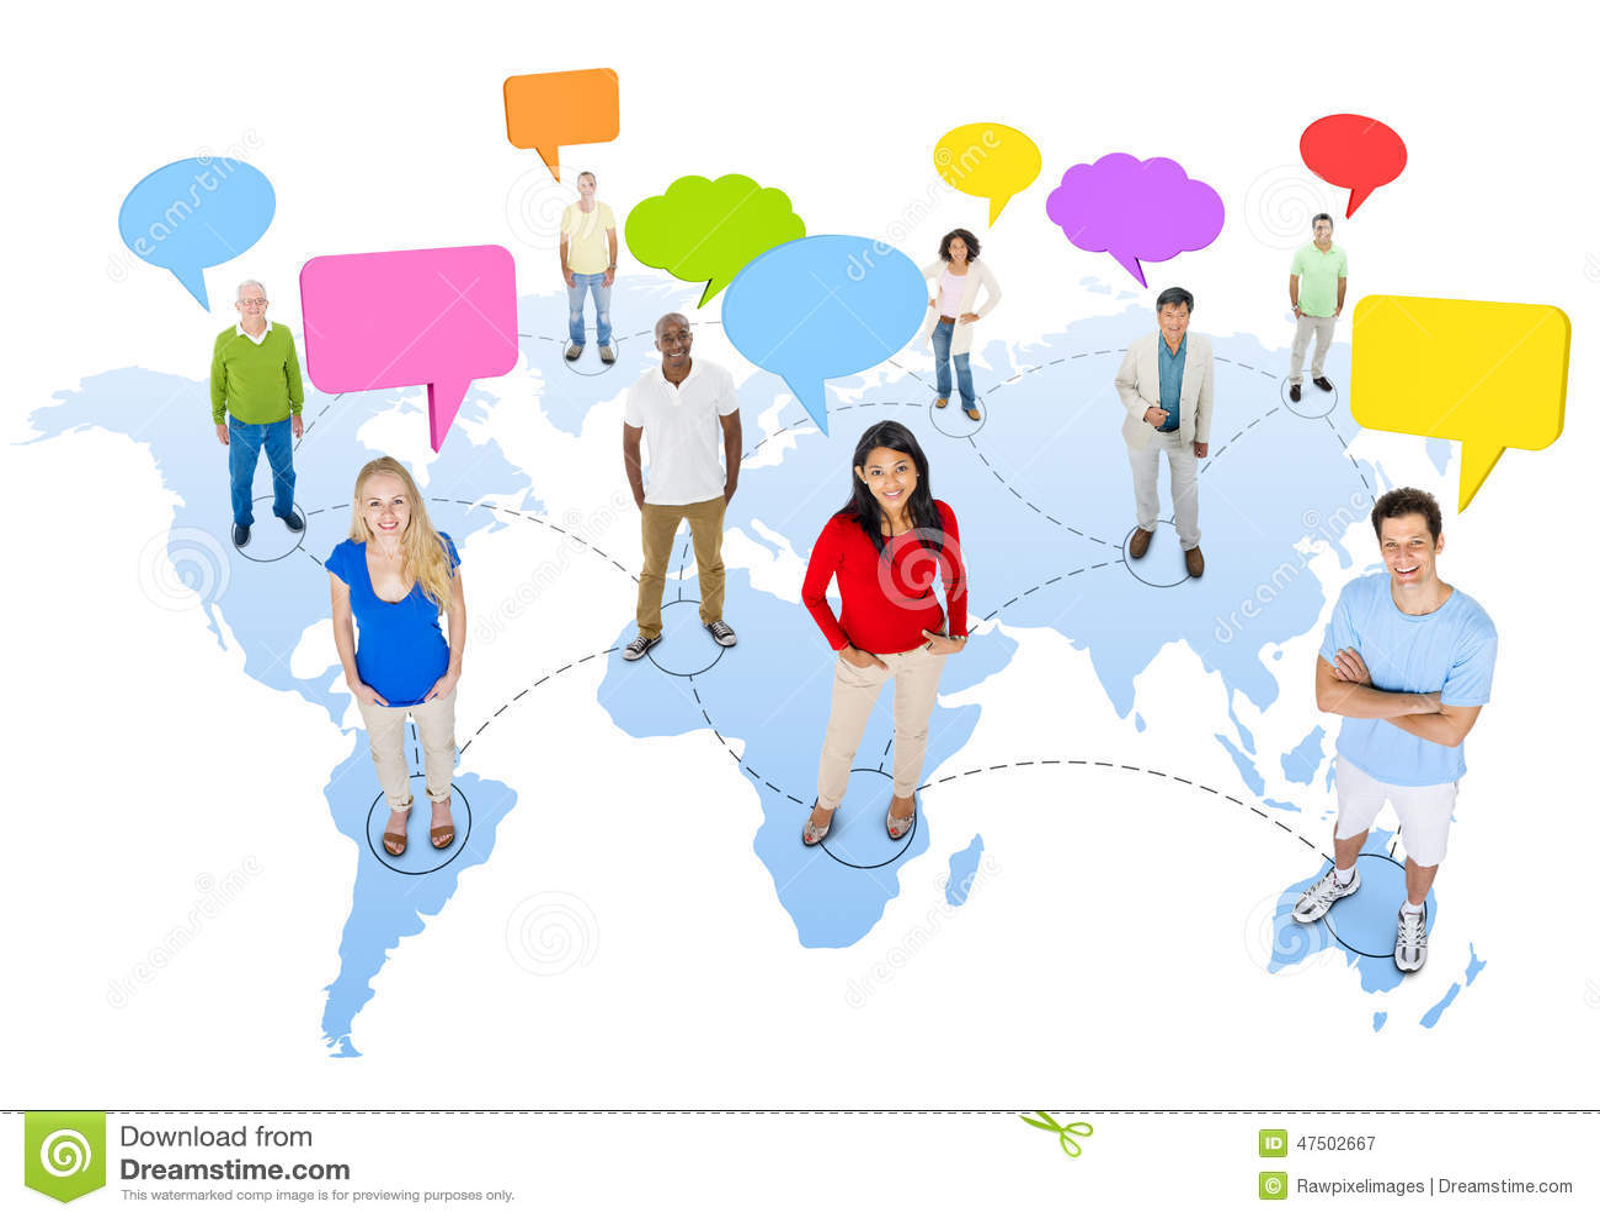 Multicultural speech